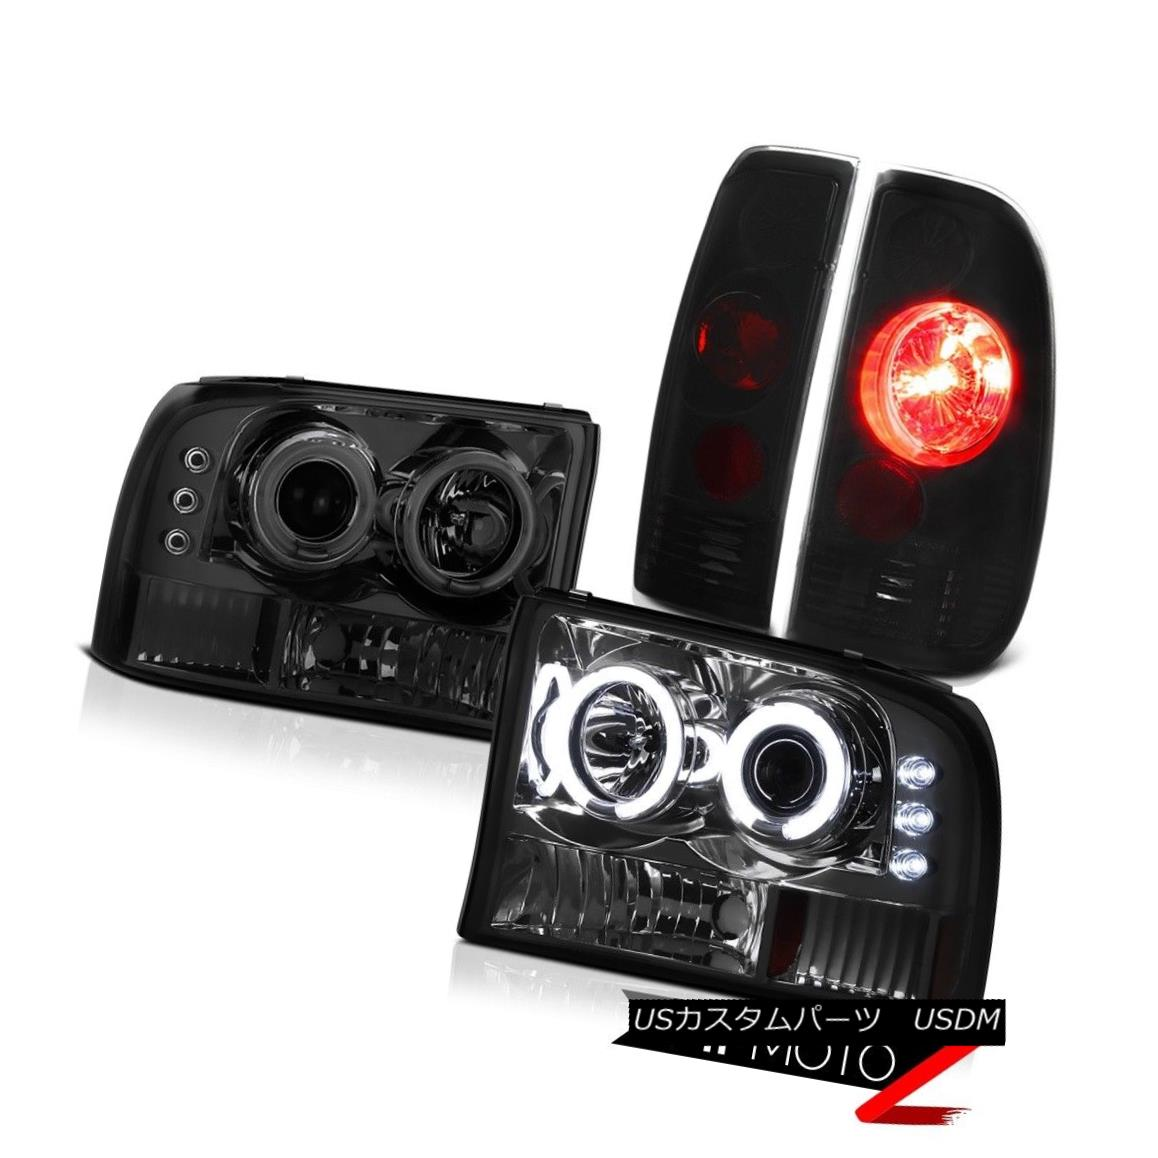 テールライト 99-04 FORD F250 F350 CCFL Angel Eye Smoke Headlights Black Rear Taillights Lamps 99-04フォードF250 F350 CCFLエンジェルアイスモークヘッドライトブラックリアタイルランプ